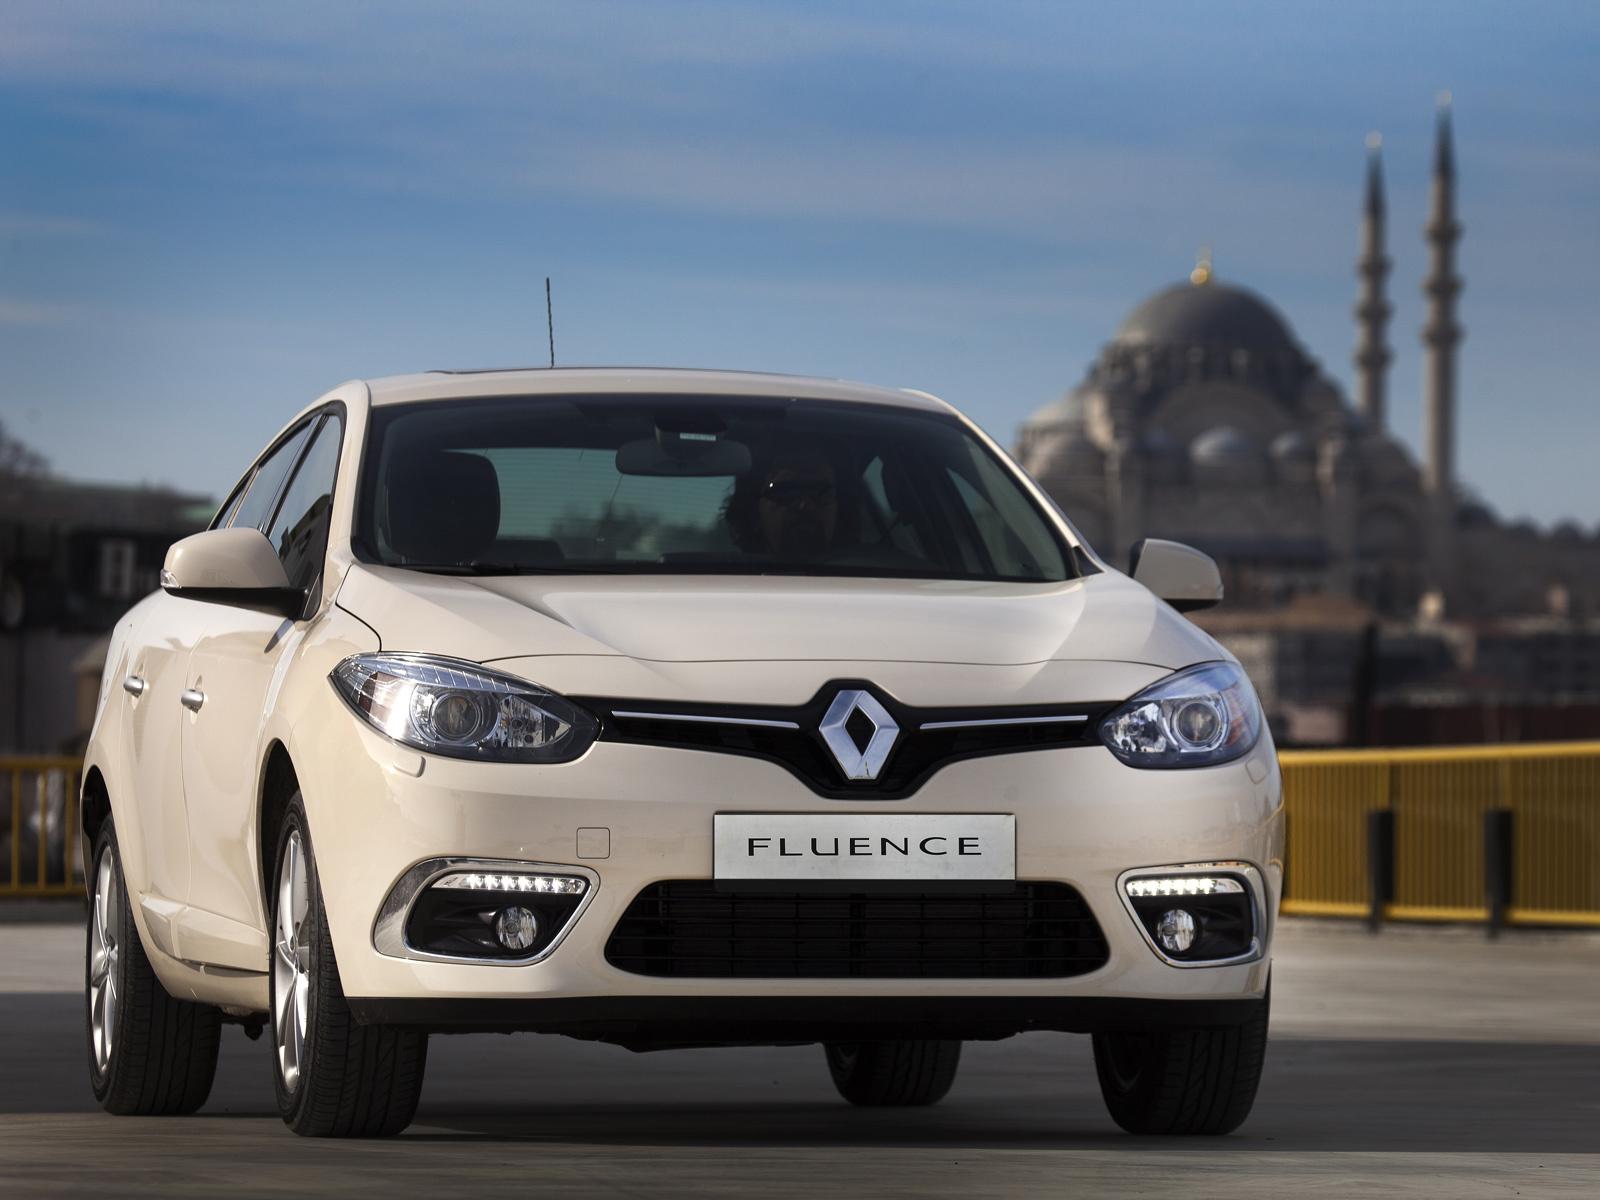 22468 Hintergrundbild herunterladen Transport, Auto, Renault - Bildschirmschoner und Bilder kostenlos